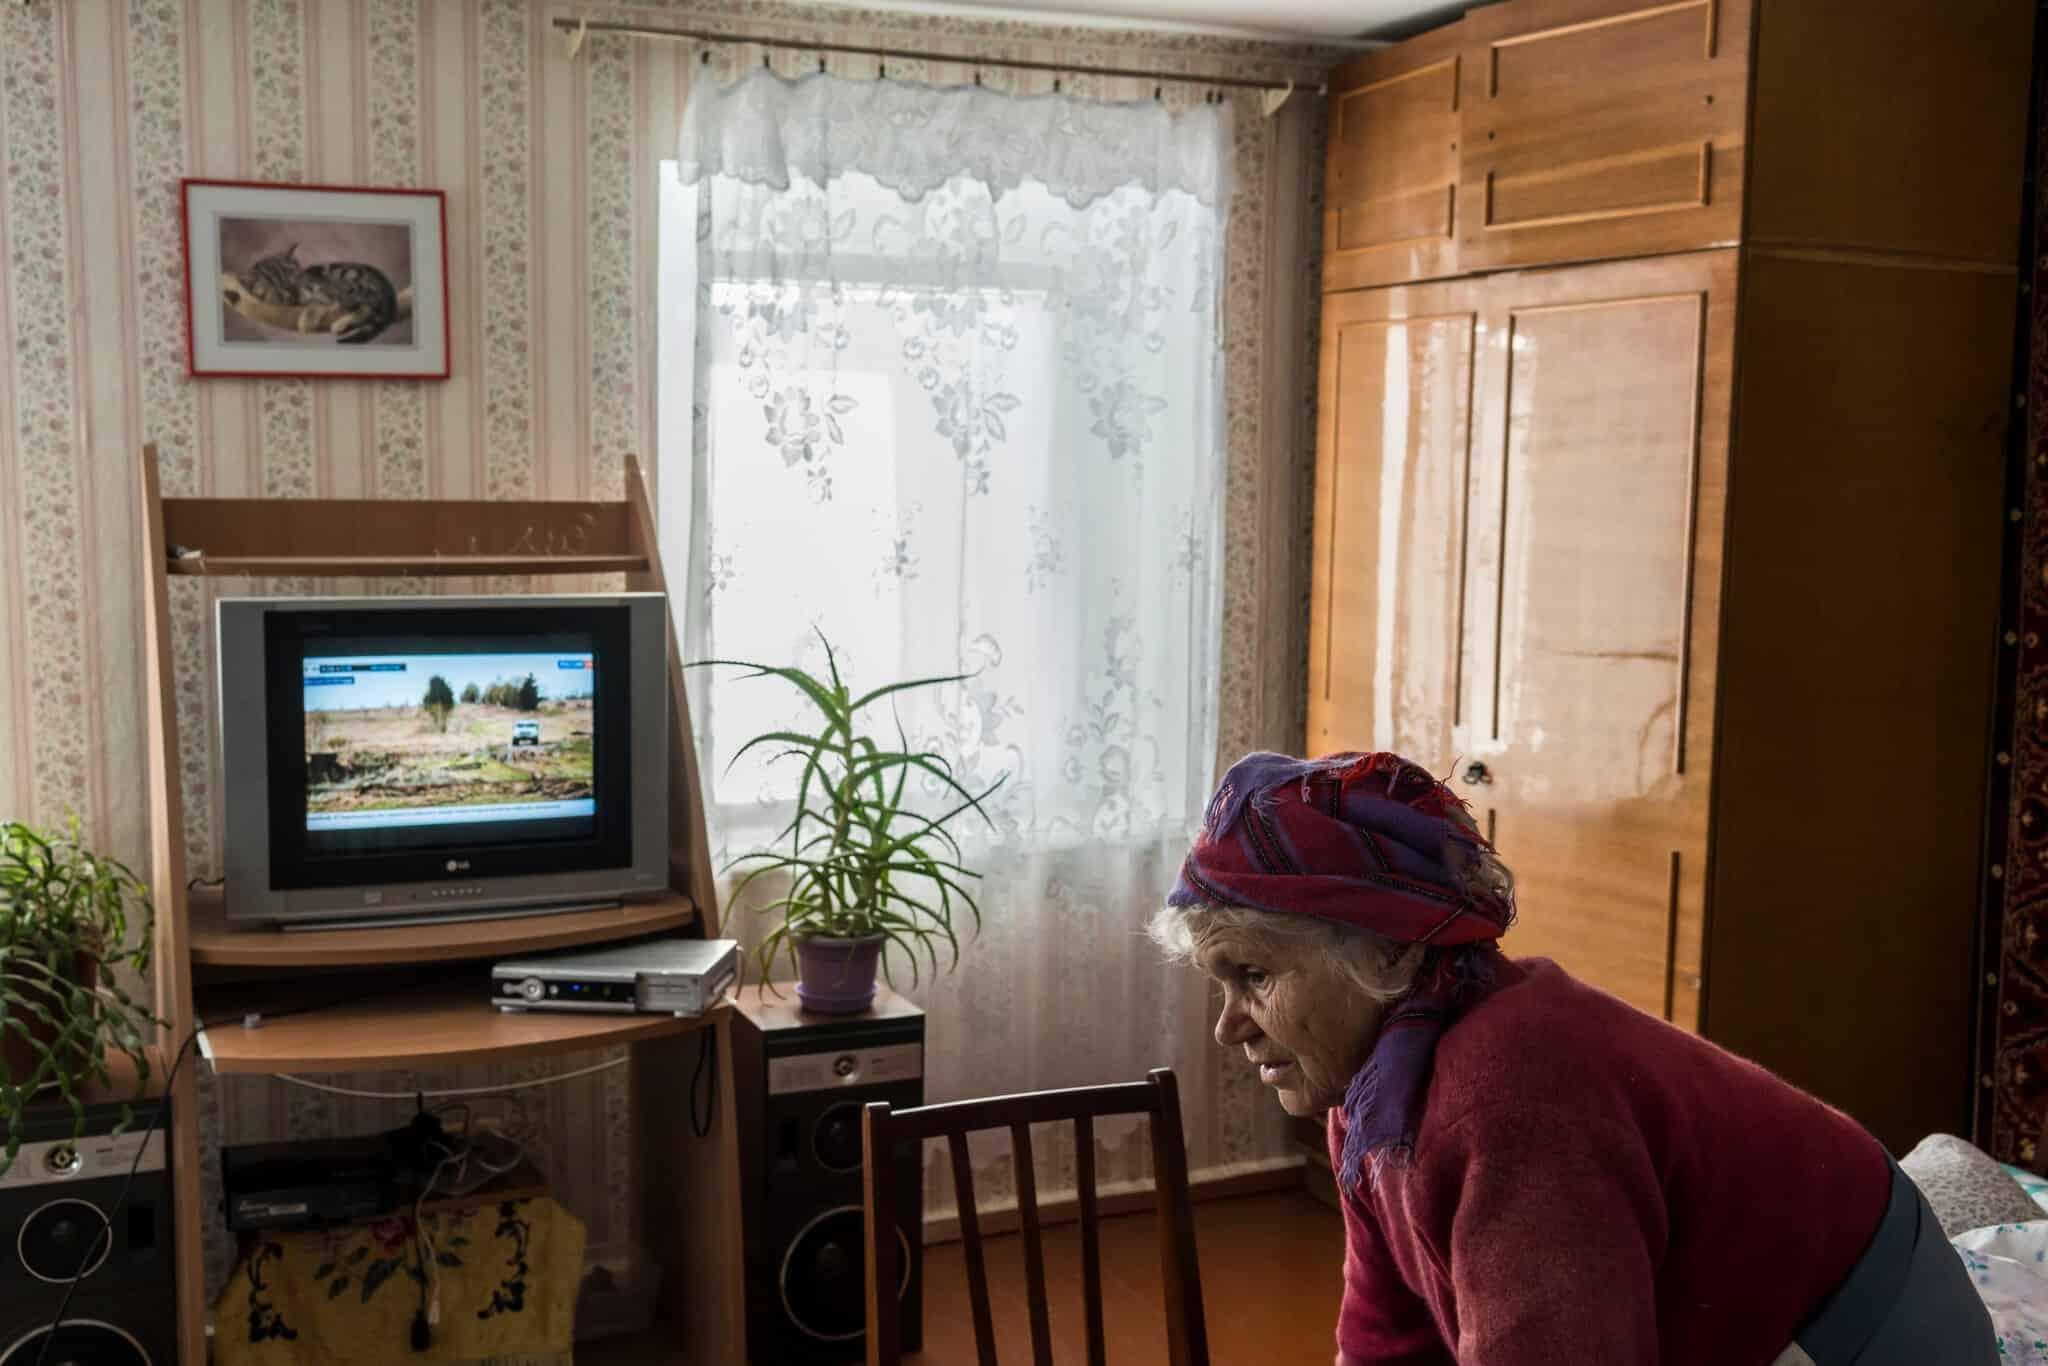 Наталья Лада смотрит российское телевидение.